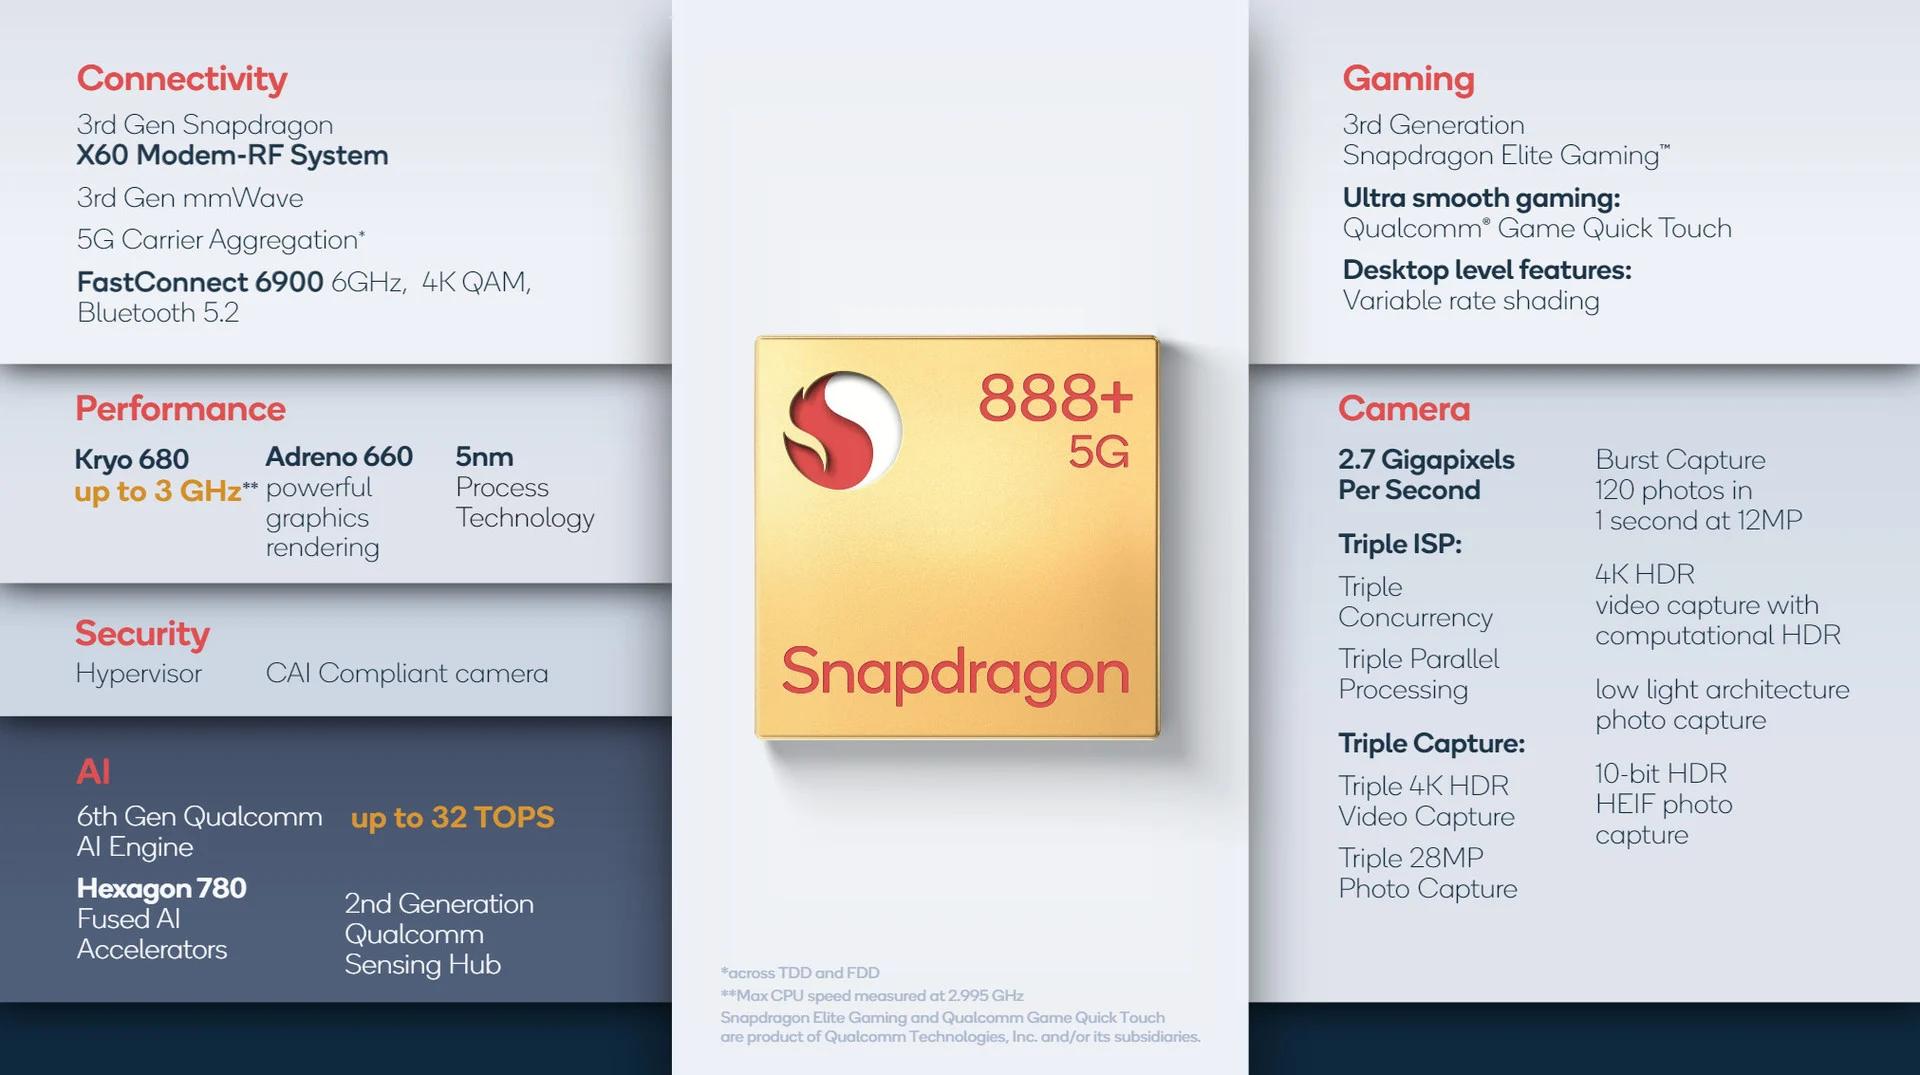 Lộ diện chip Snapdragon 888 Plus cấu hình mạnh mẽ của Qualcomm